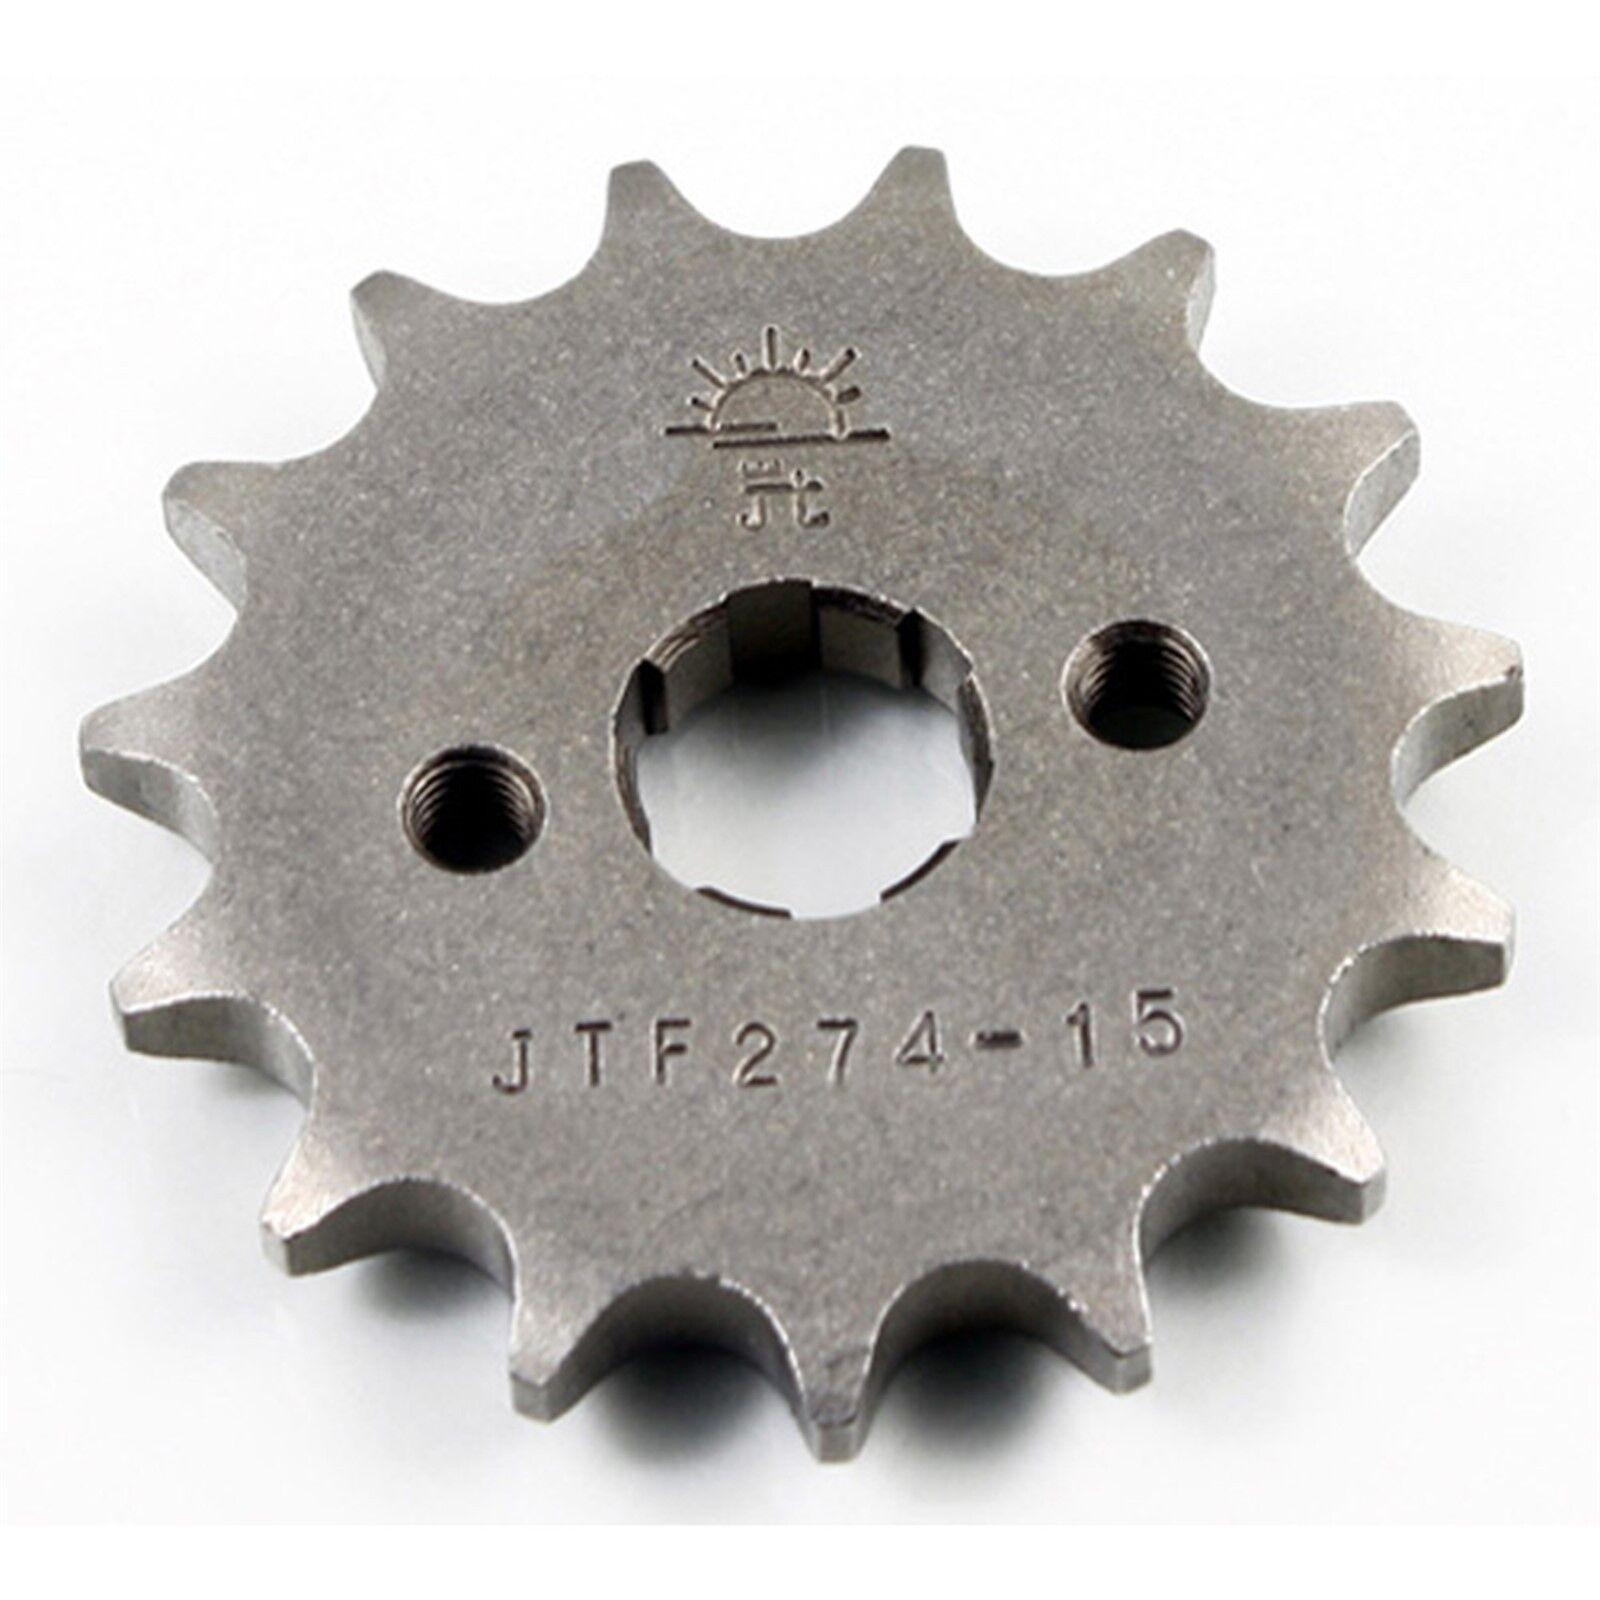 JT JTF249.13 Steel Front Sprocket 13T